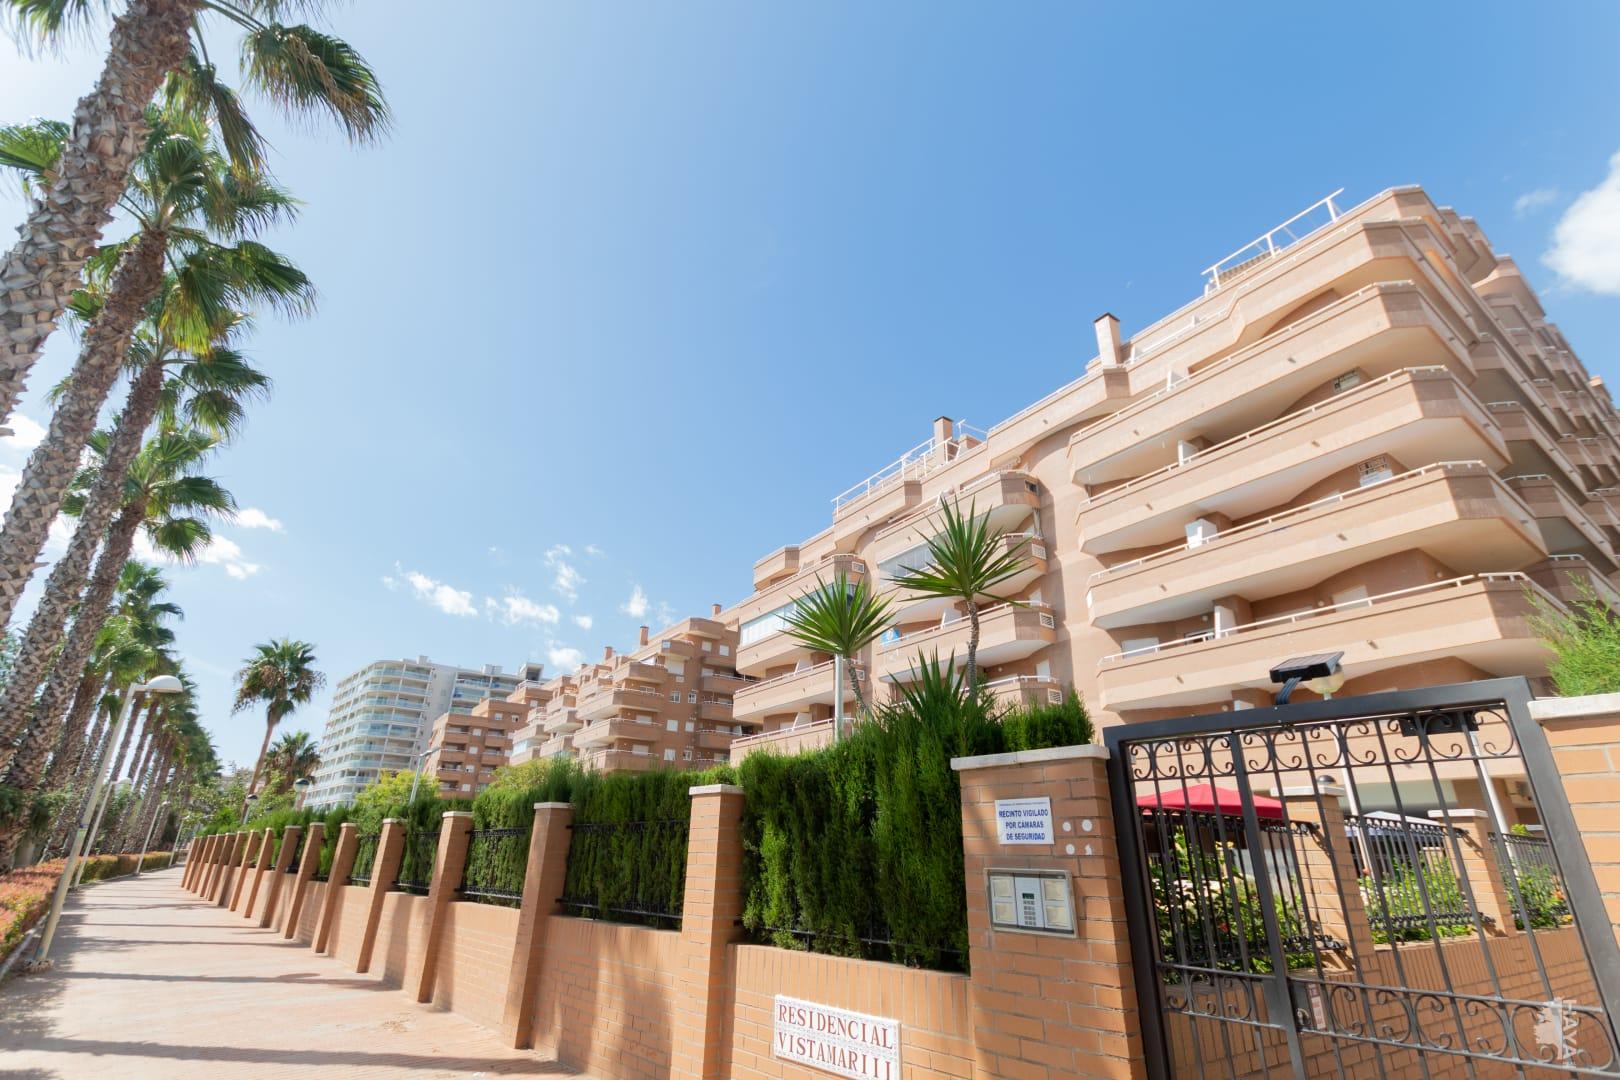 Piso en venta en Les Amplaries, Oropesa del Mar/orpesa, Castellón, Calle Amplaries, 147.420 €, 2 habitaciones, 2 baños, 96 m2